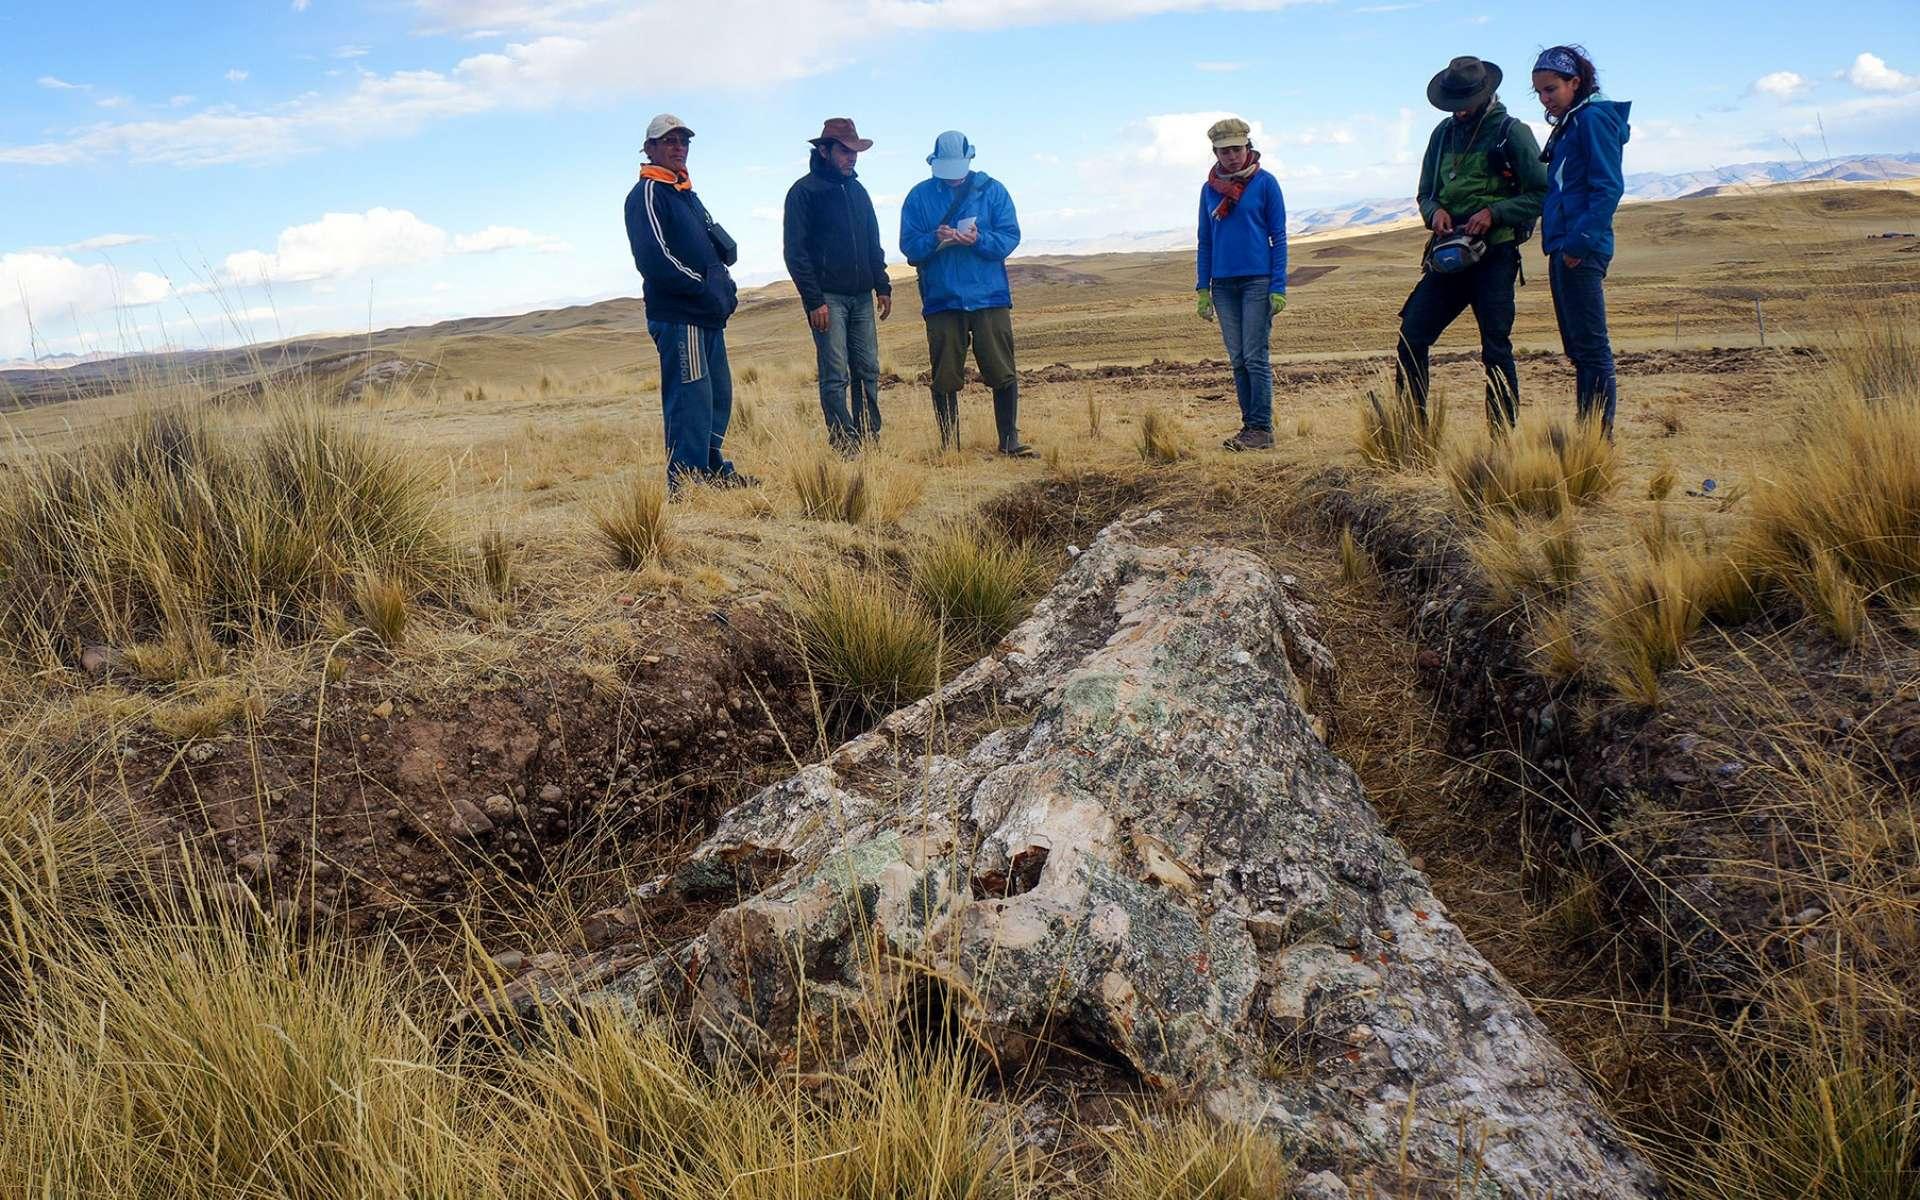 L'équipe de scientifique du Smithsonian Tropical Research Institute à côté du tronc fossilisé découvert dans sur le plateau des Andes au Pérou. © Rodolfo Salas Gismondi